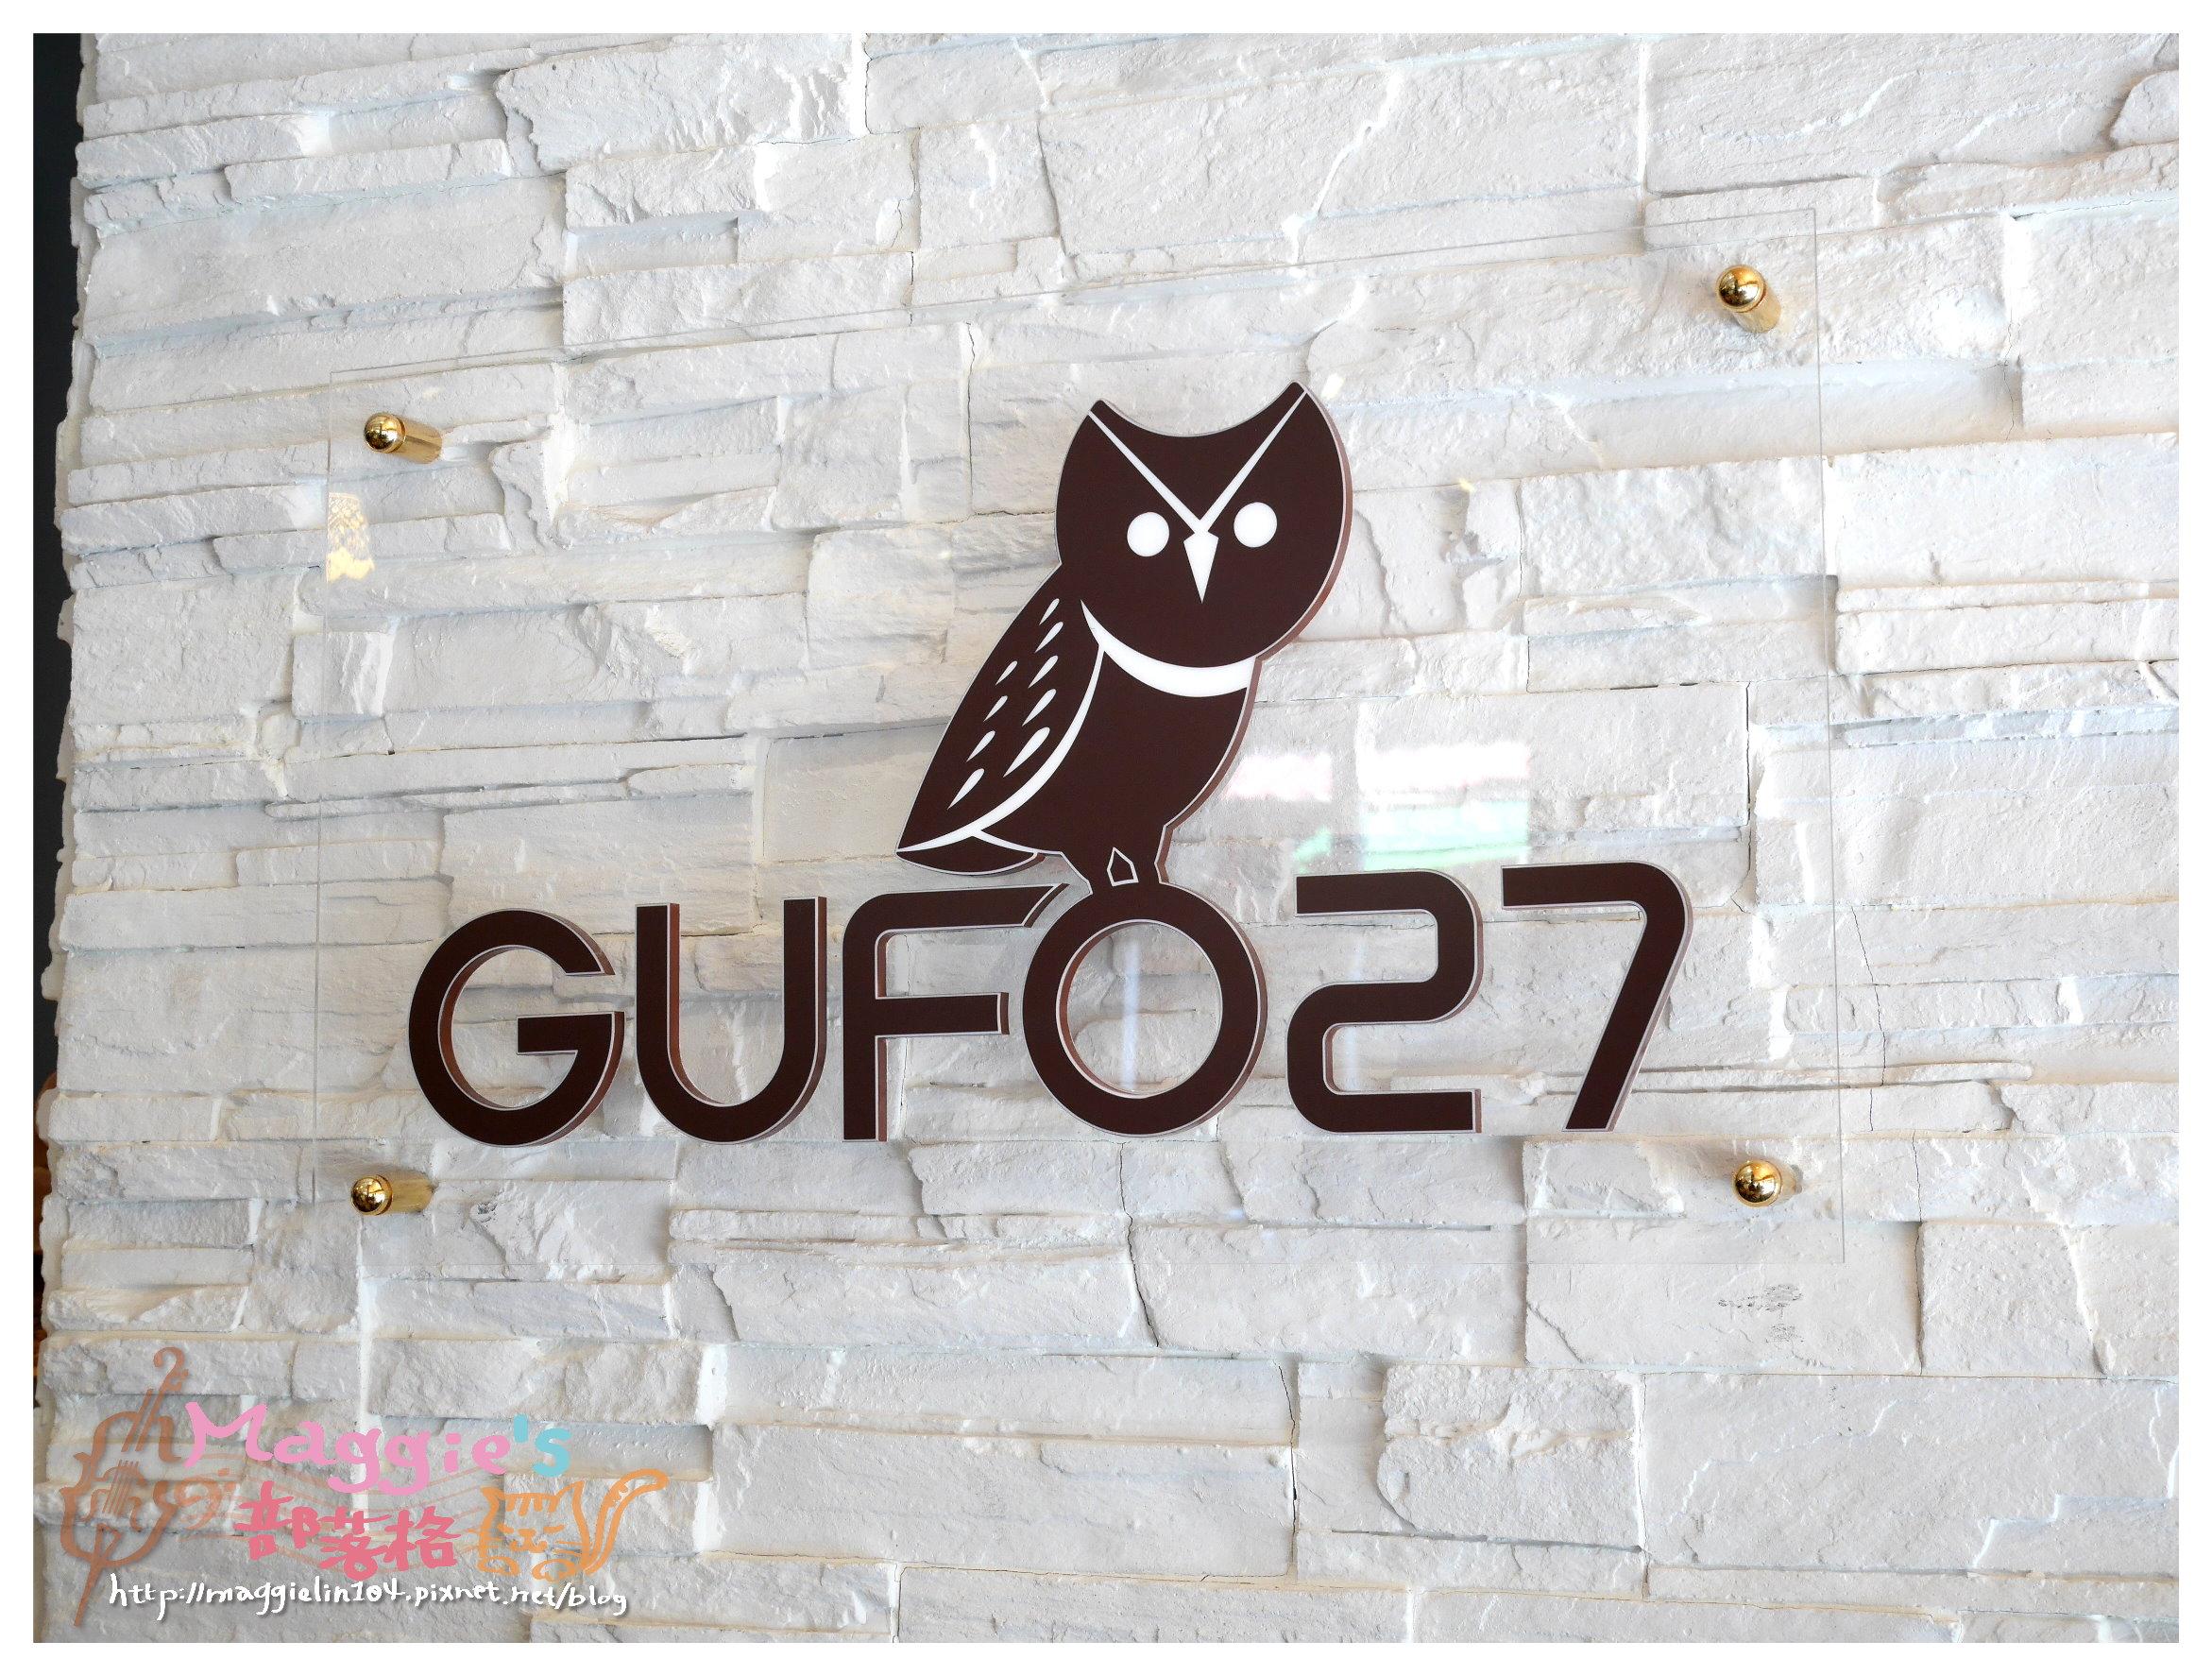 GOFO27 (10)